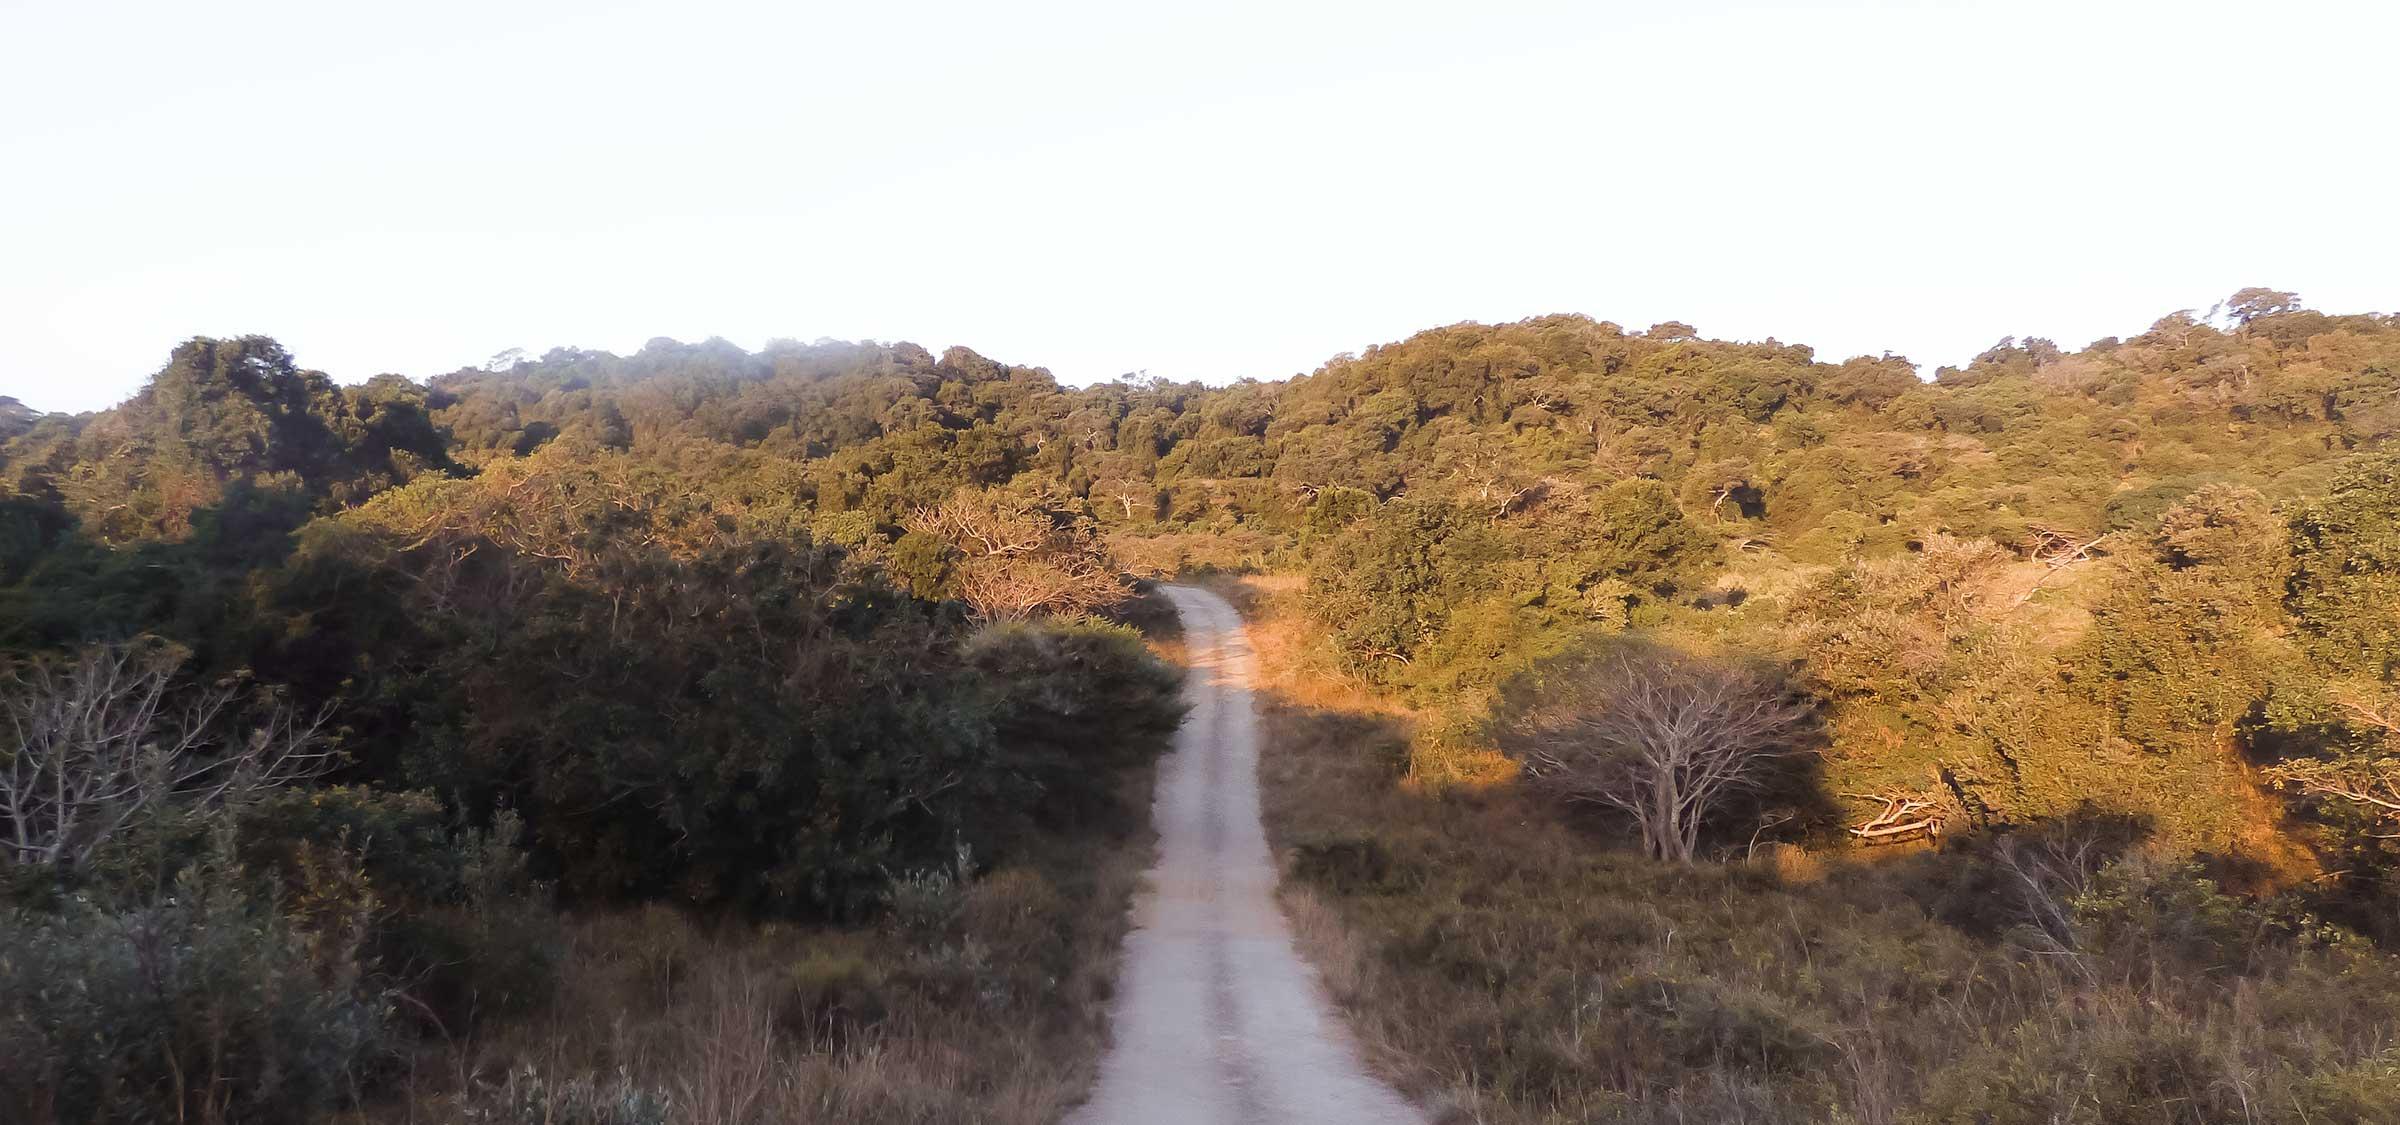 Wanderlust: Brazil Travel Tipsderlust: Zambia Travel Tips